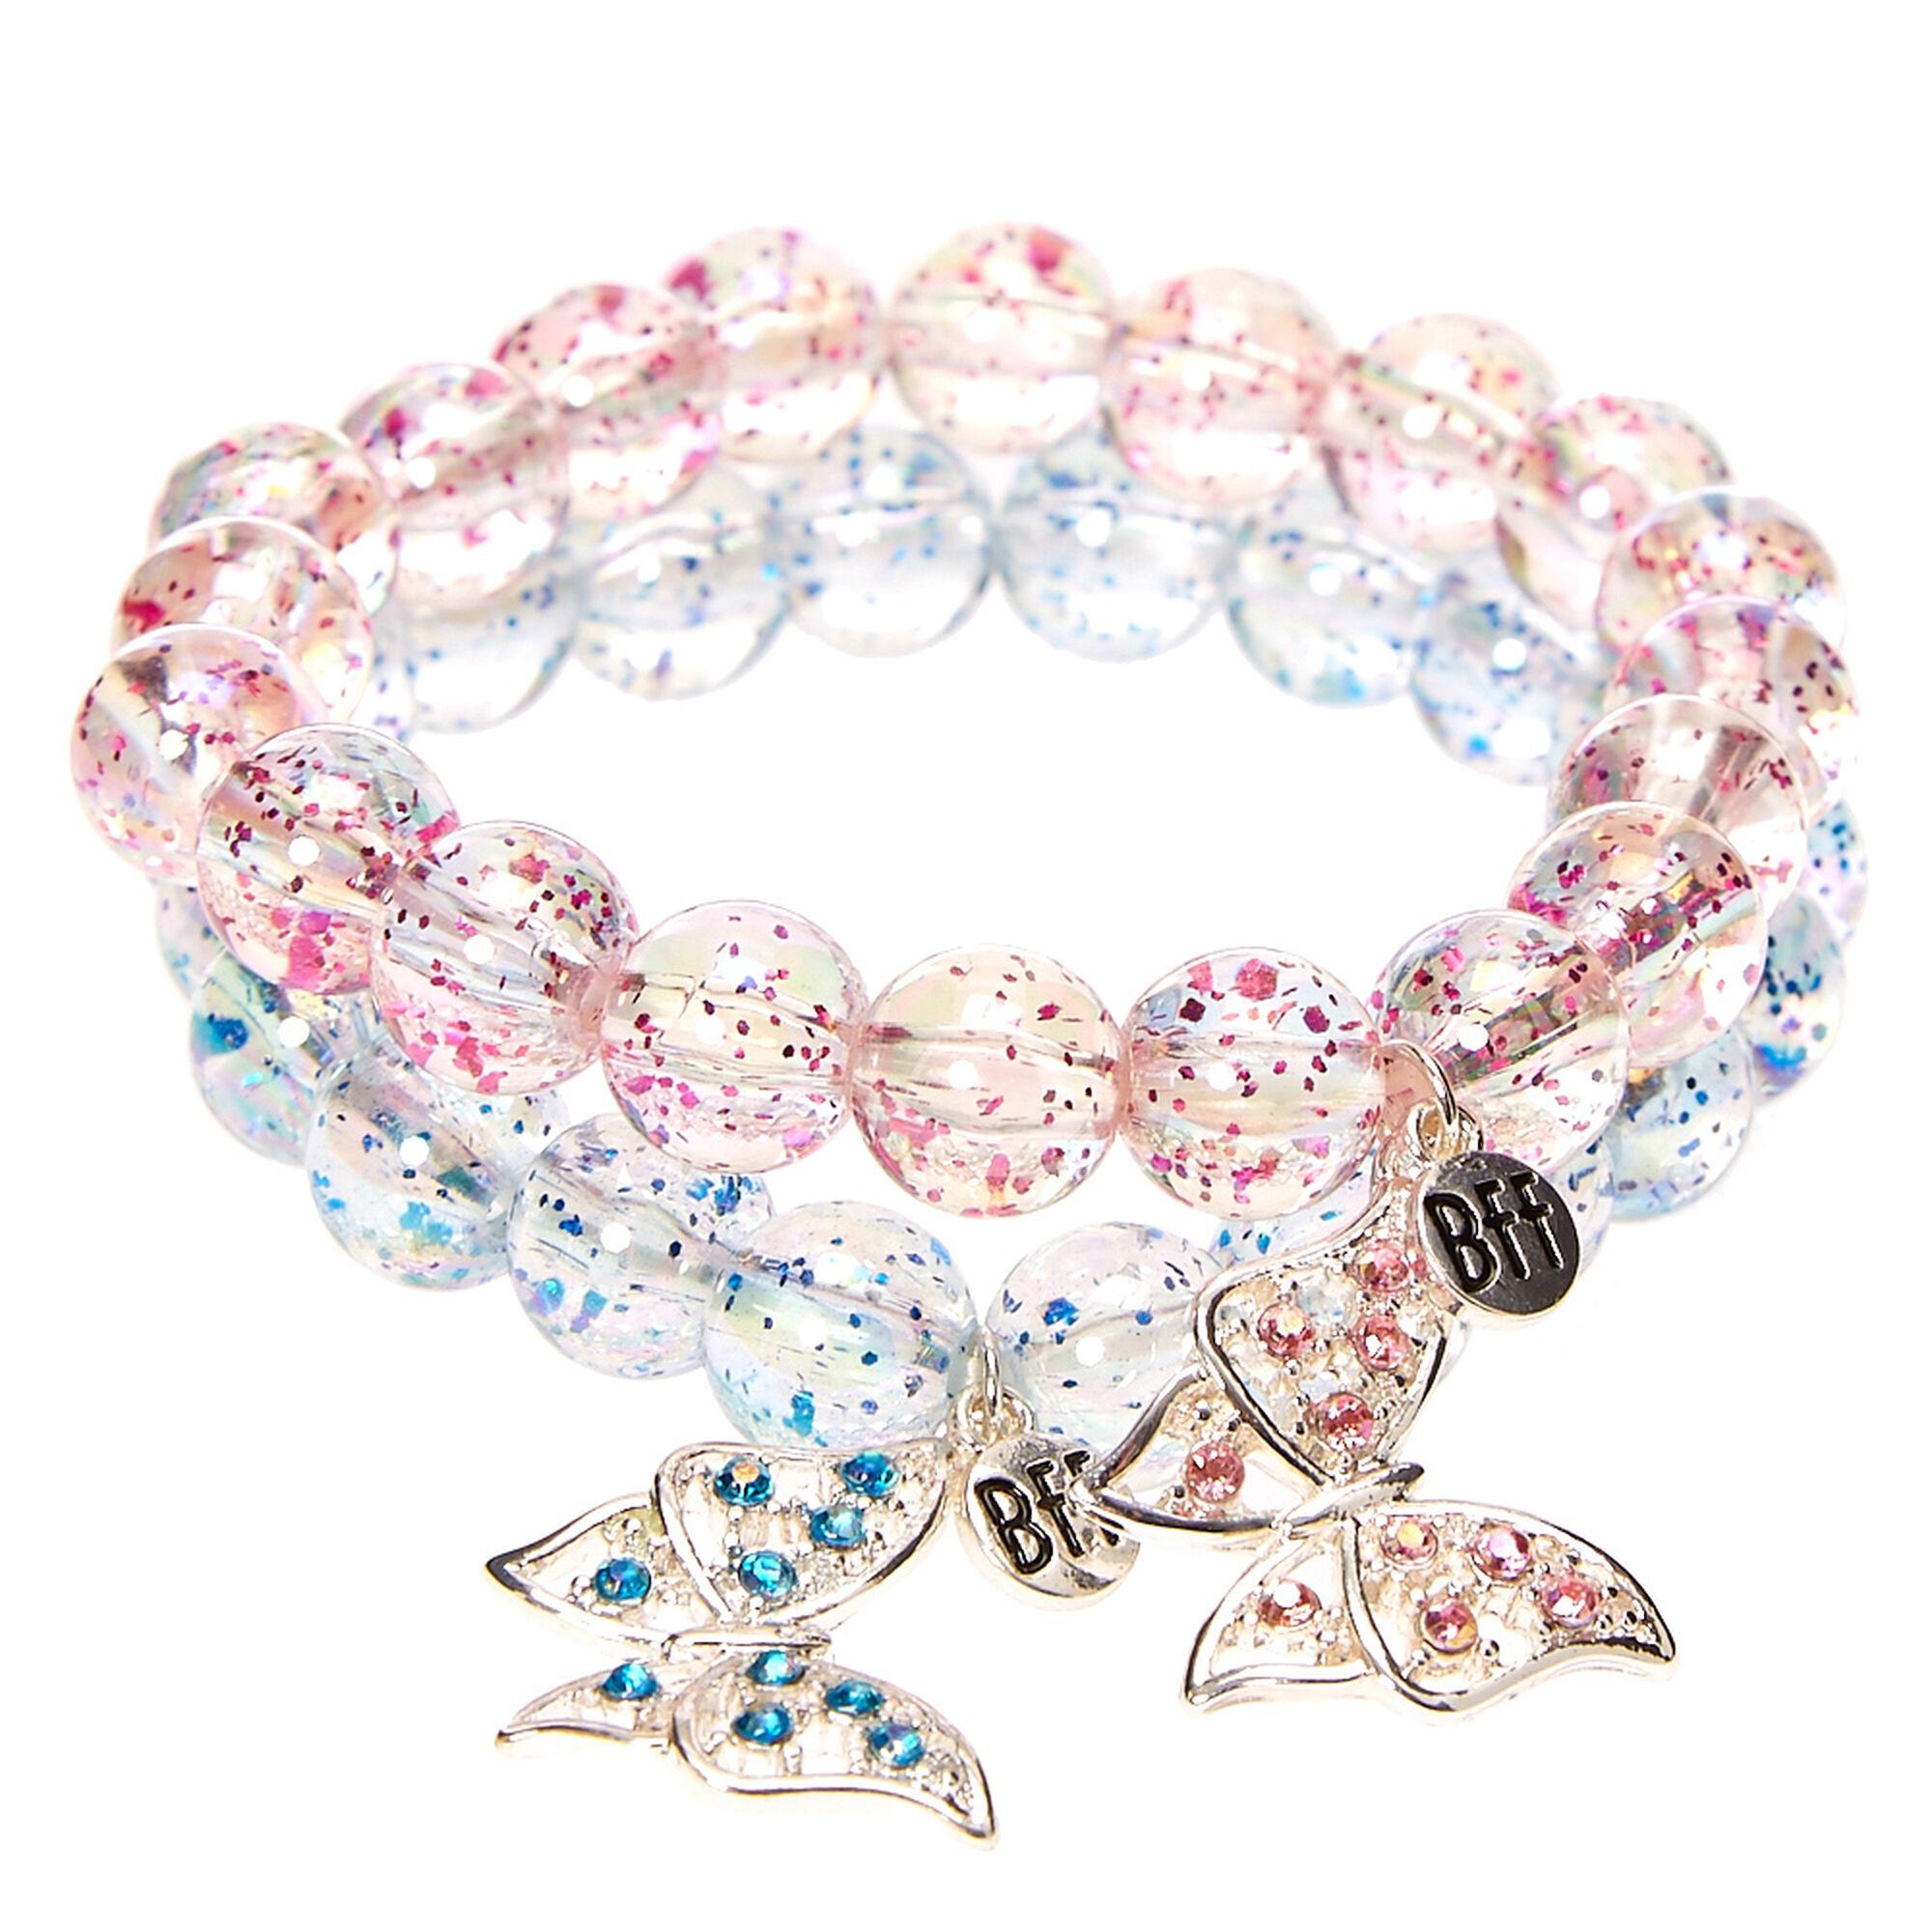 Best Friends Glittery Butterfly Charm Beaded Stretch Bracelet,